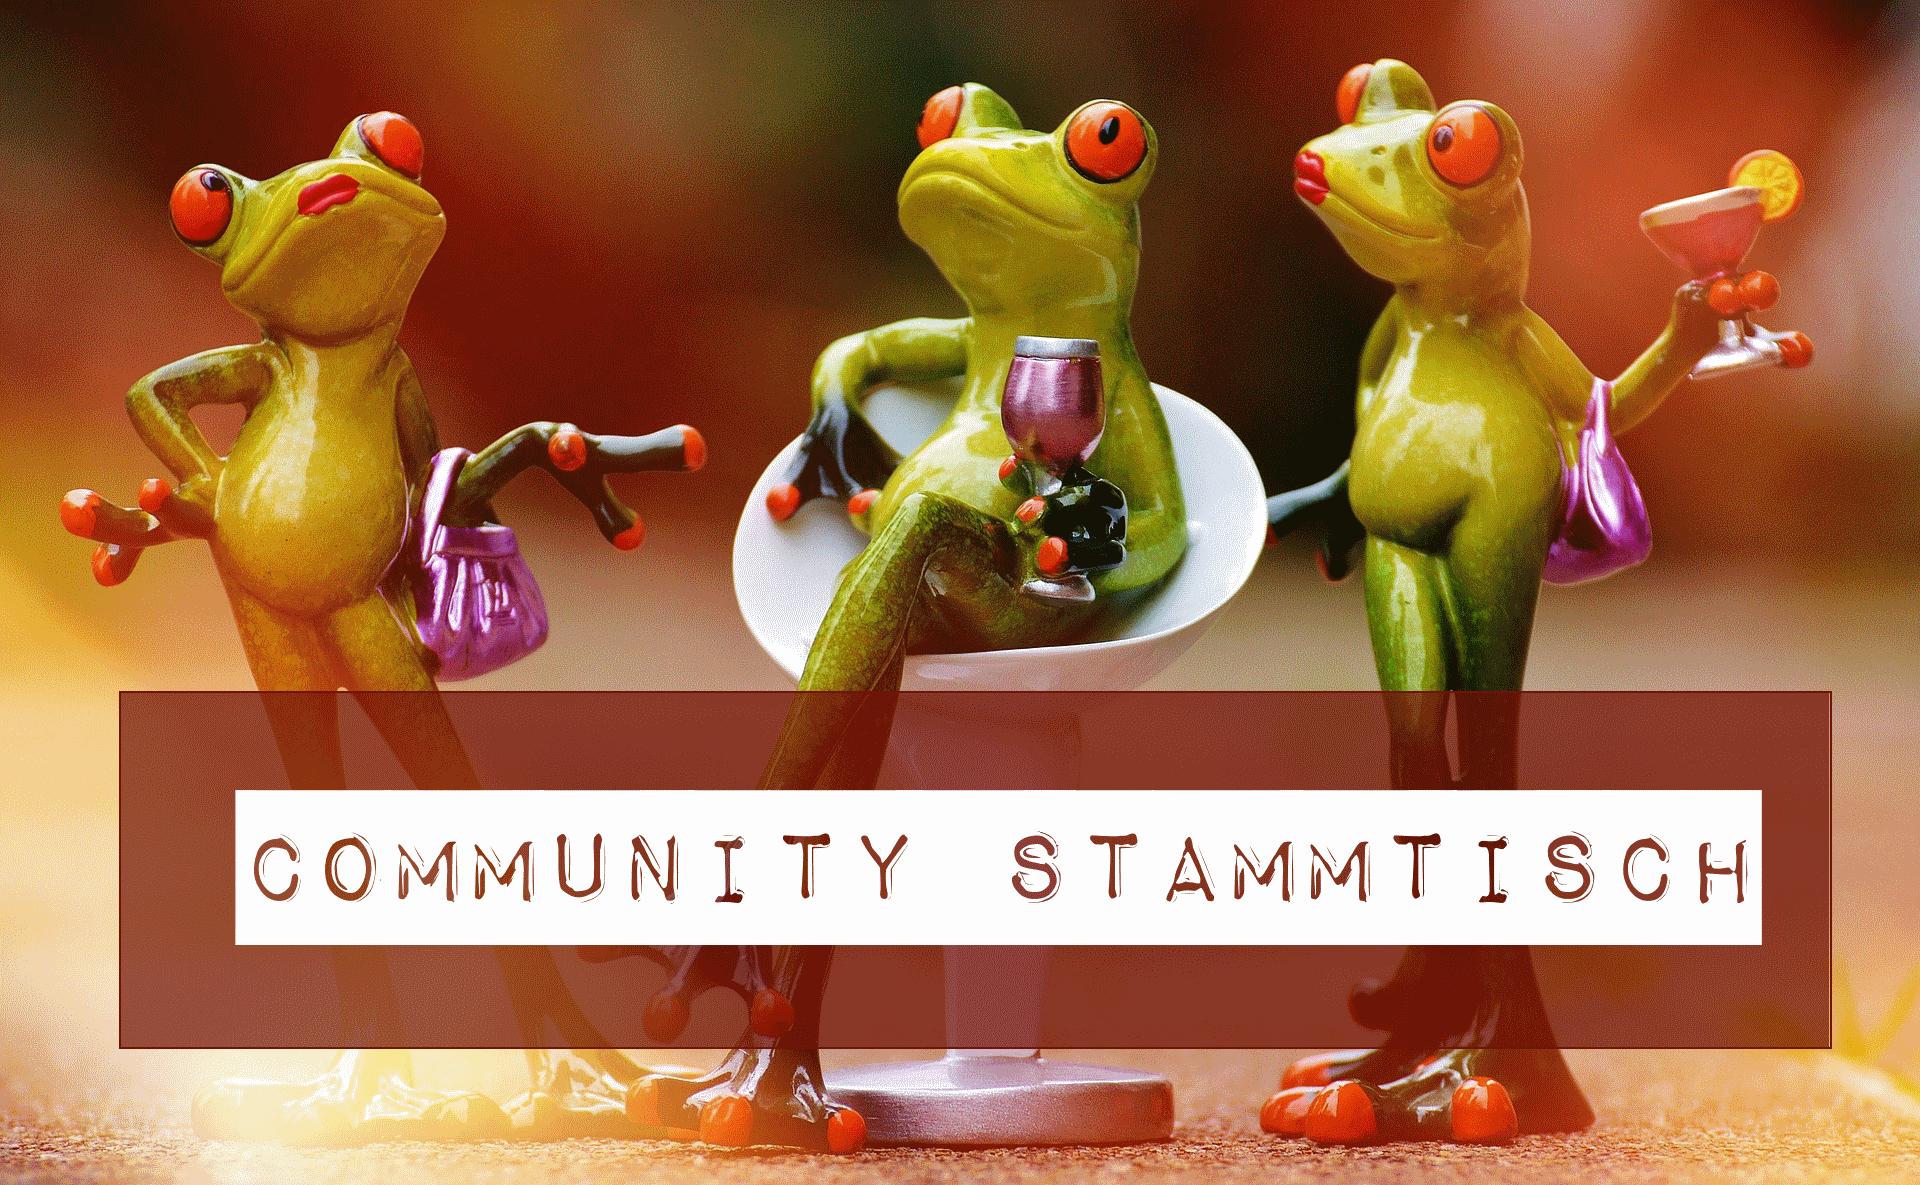 Community Stammtisch